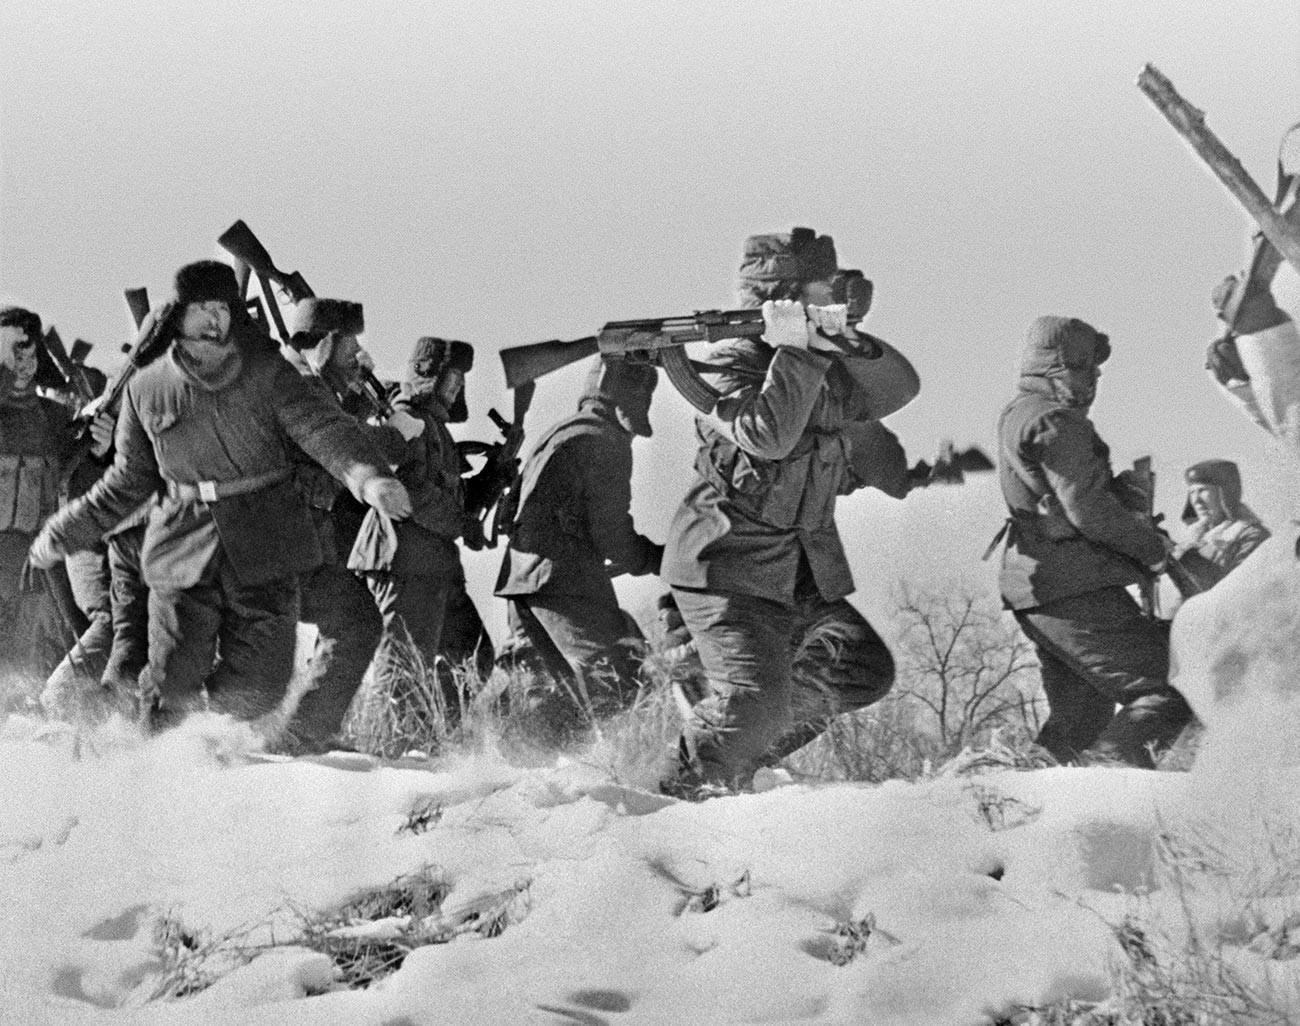 ダマンスキー島に侵入している紅軍